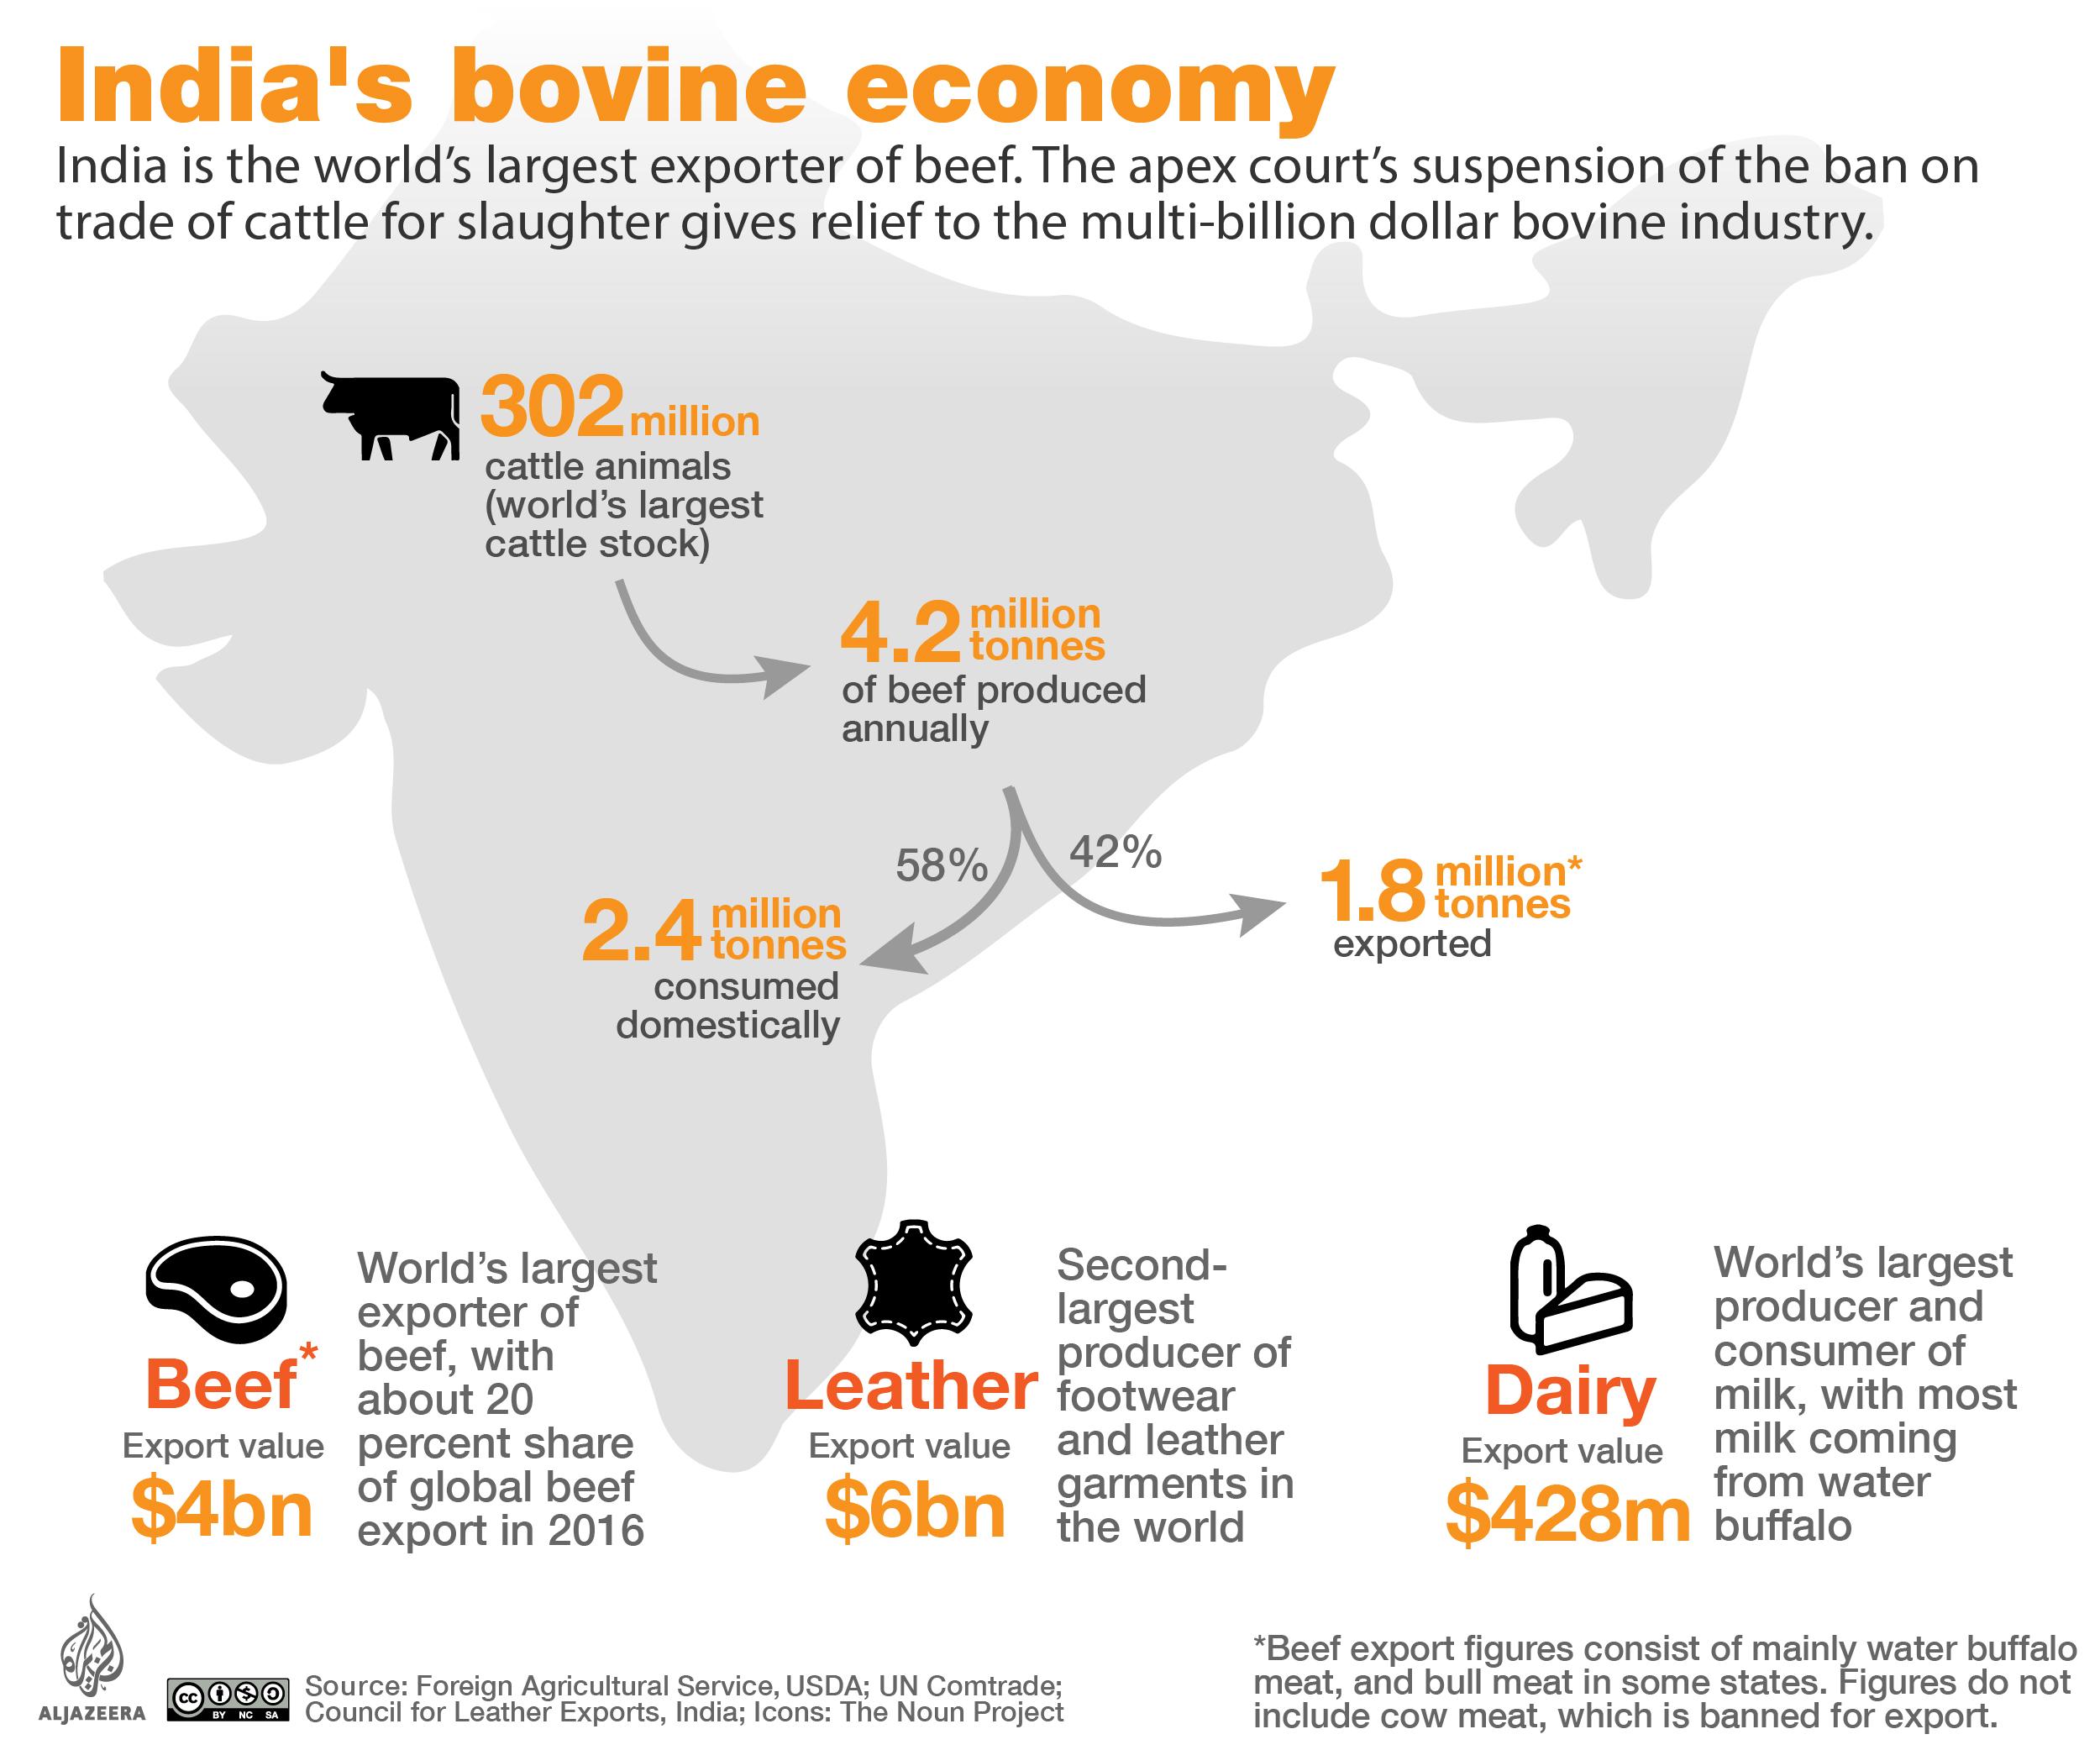 India's bovine economy